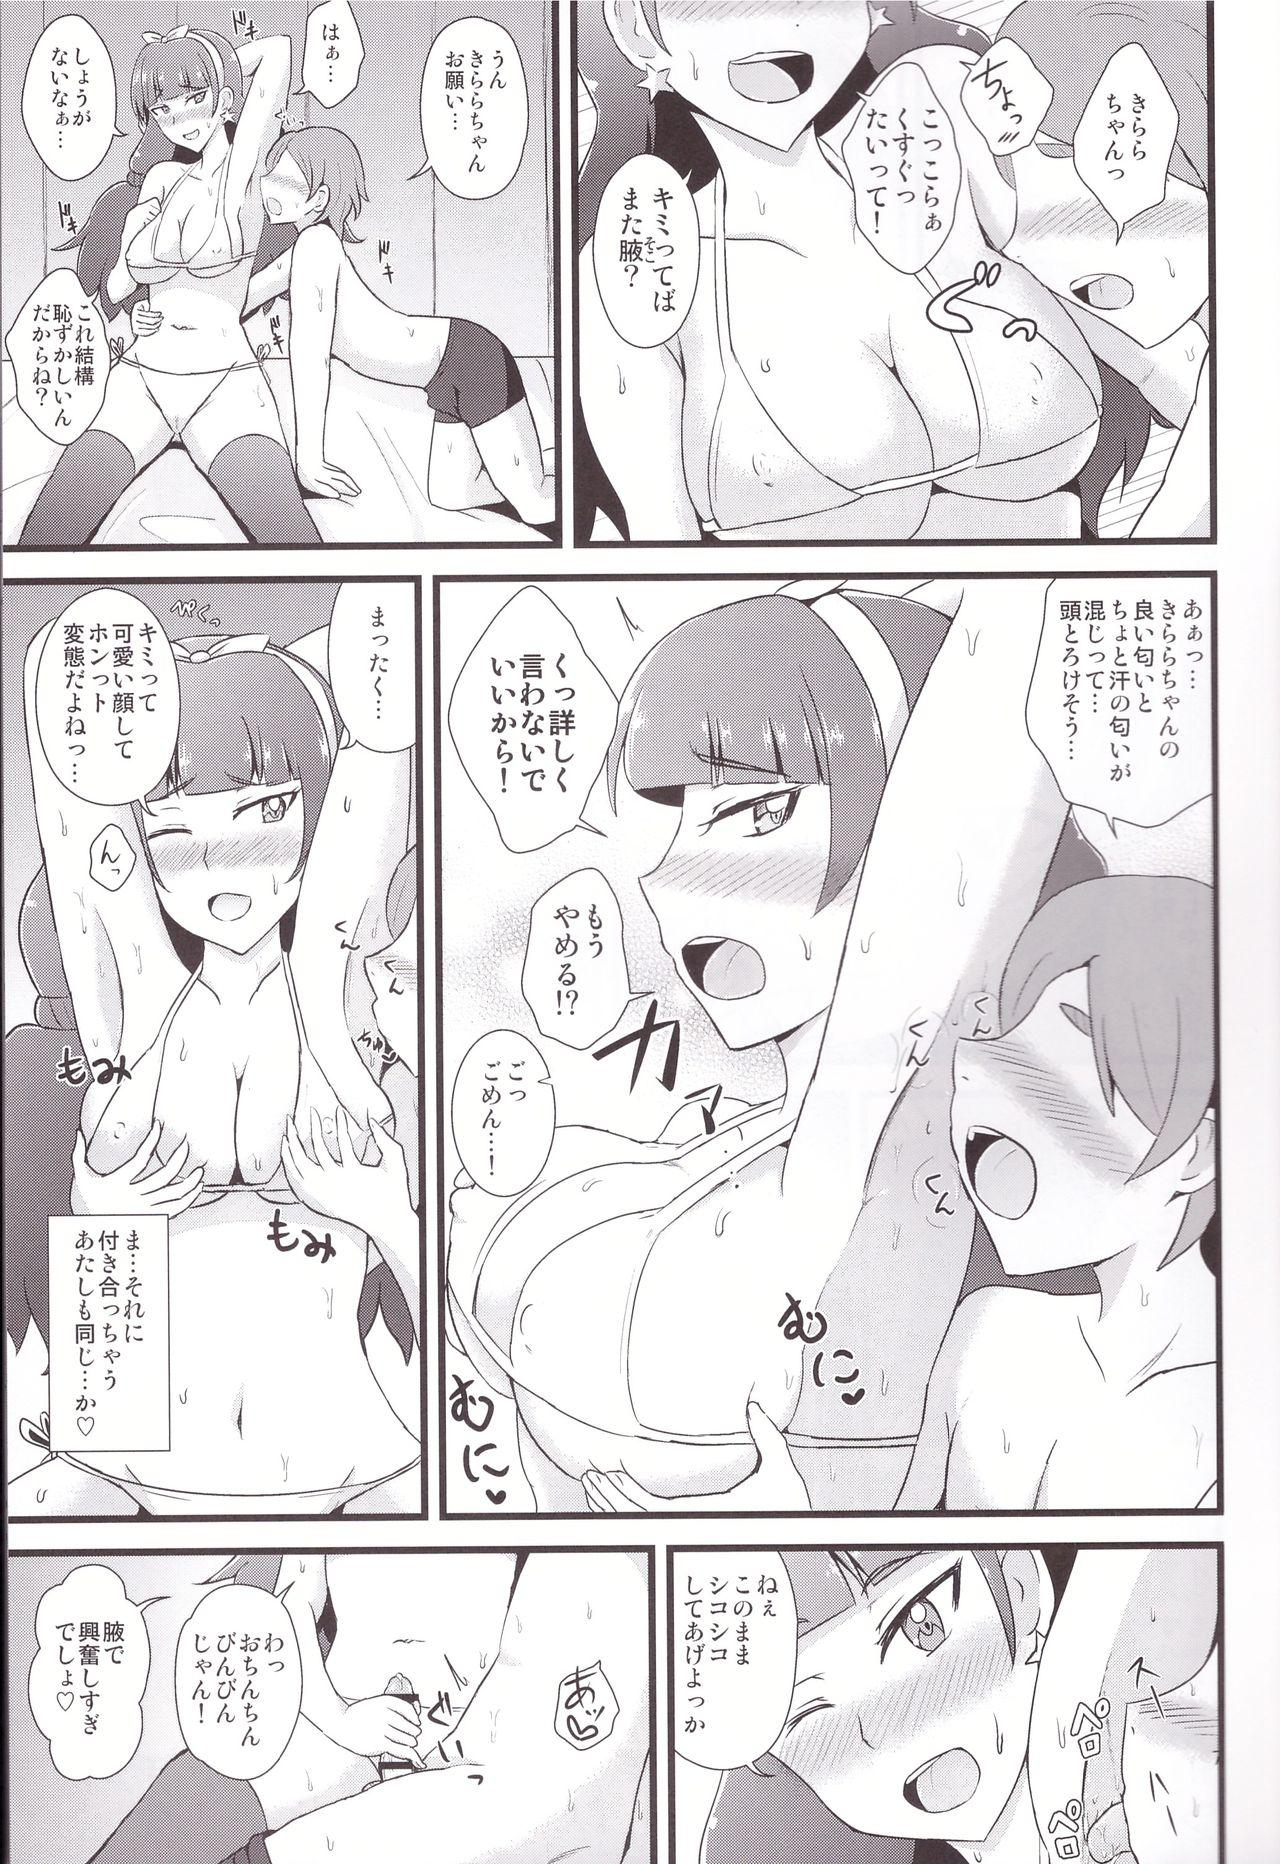 Kirara-chan to Natsuyasumi no Taiken 6